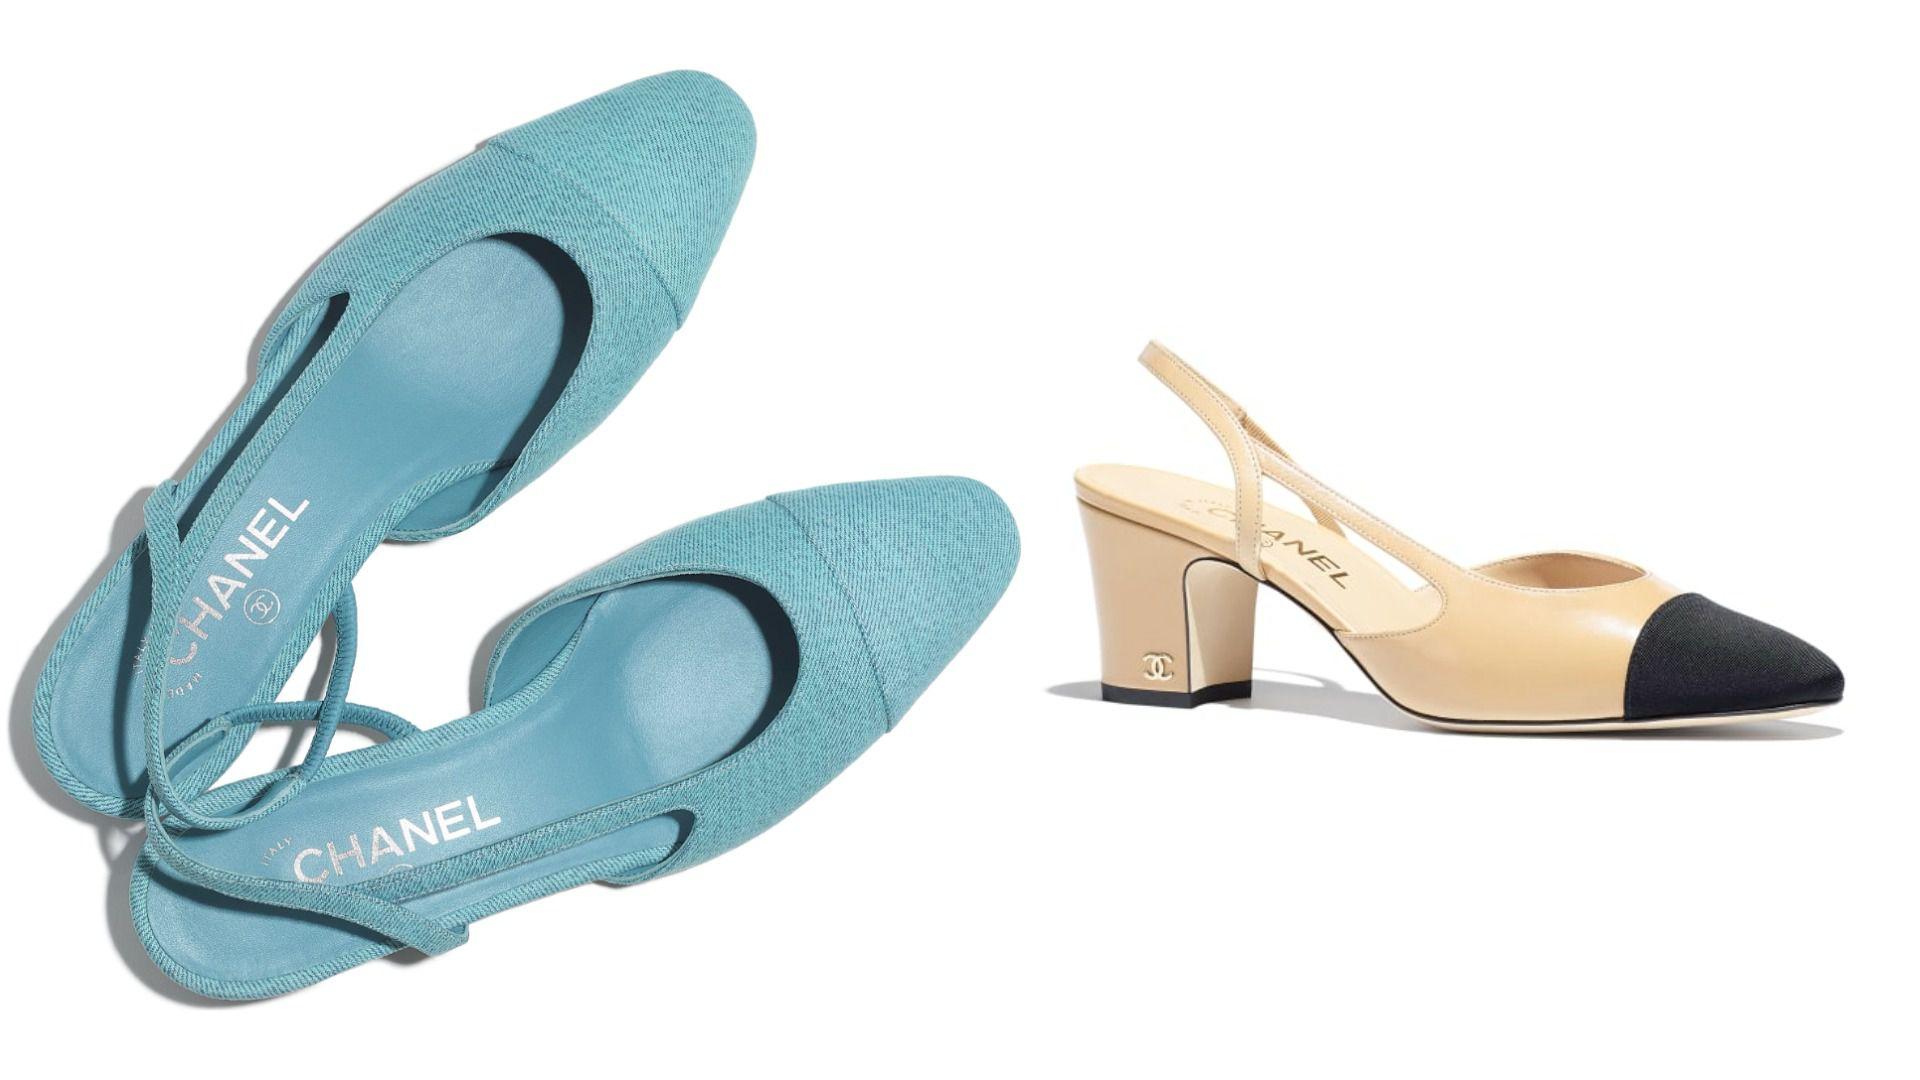 Ako vam se sviđaju kultne Chanelove cipele, pronašli smo gotovo iste modele po pristupačnijoj cijeni